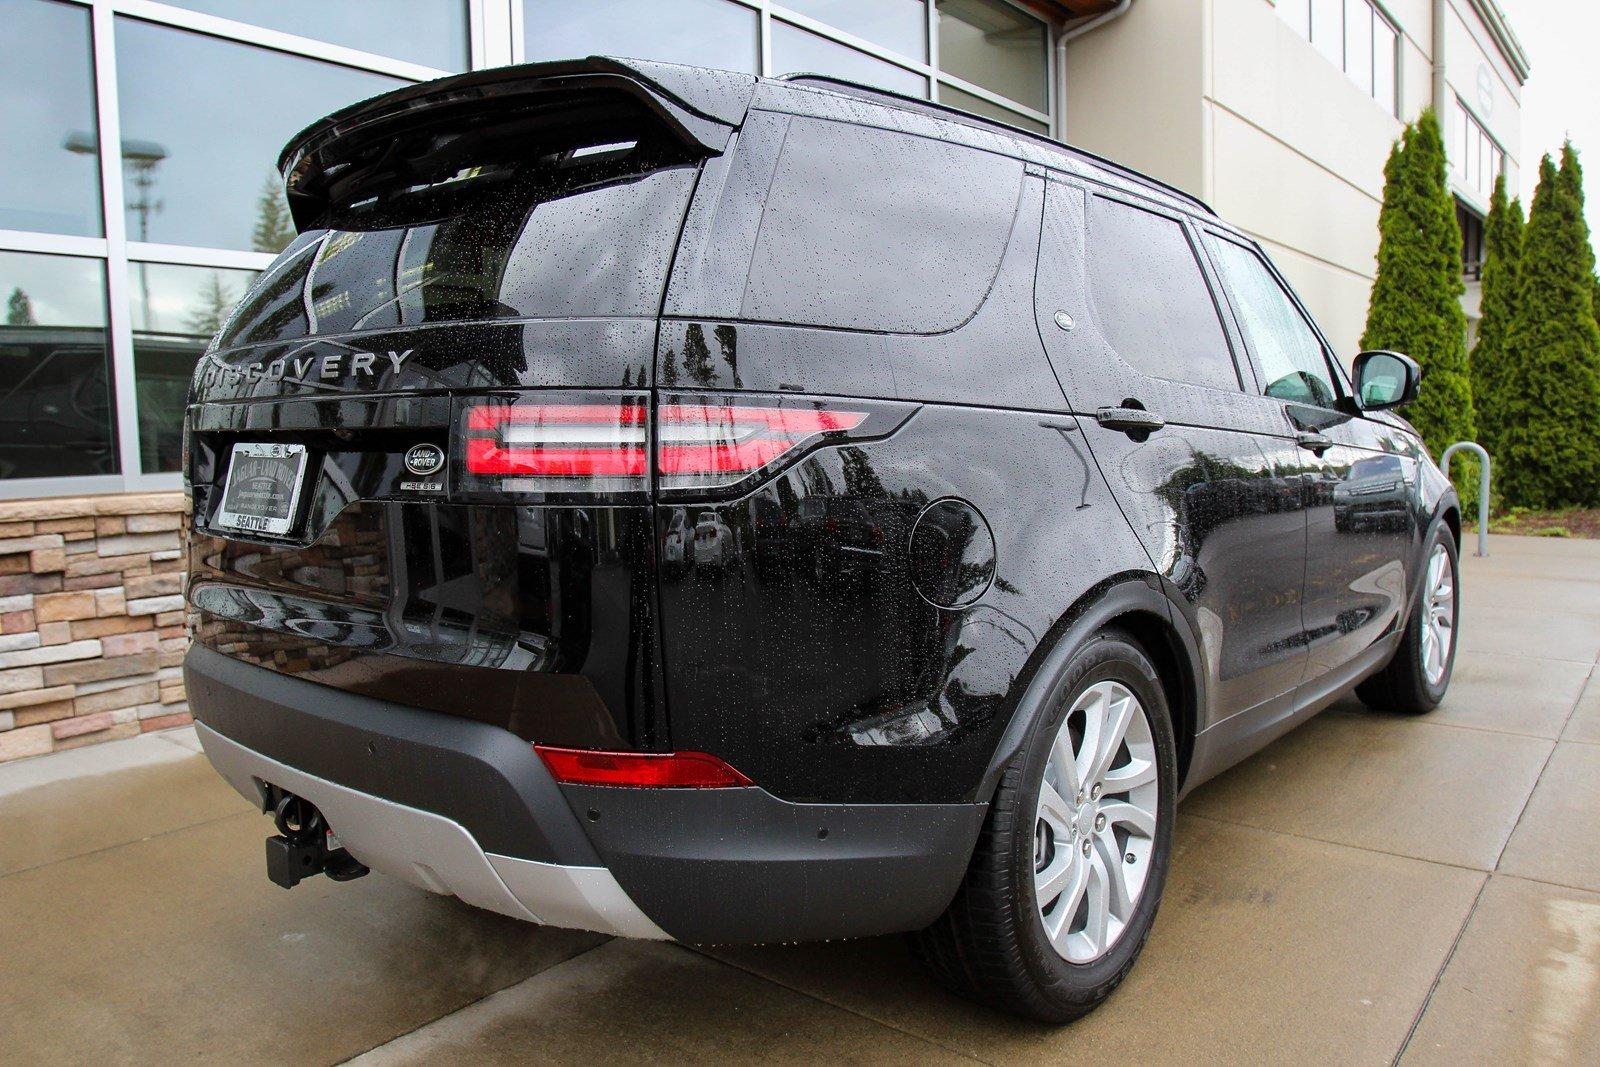 Land Rover Discovery nhập khẩu 7 chỗ máy xăng màu đen